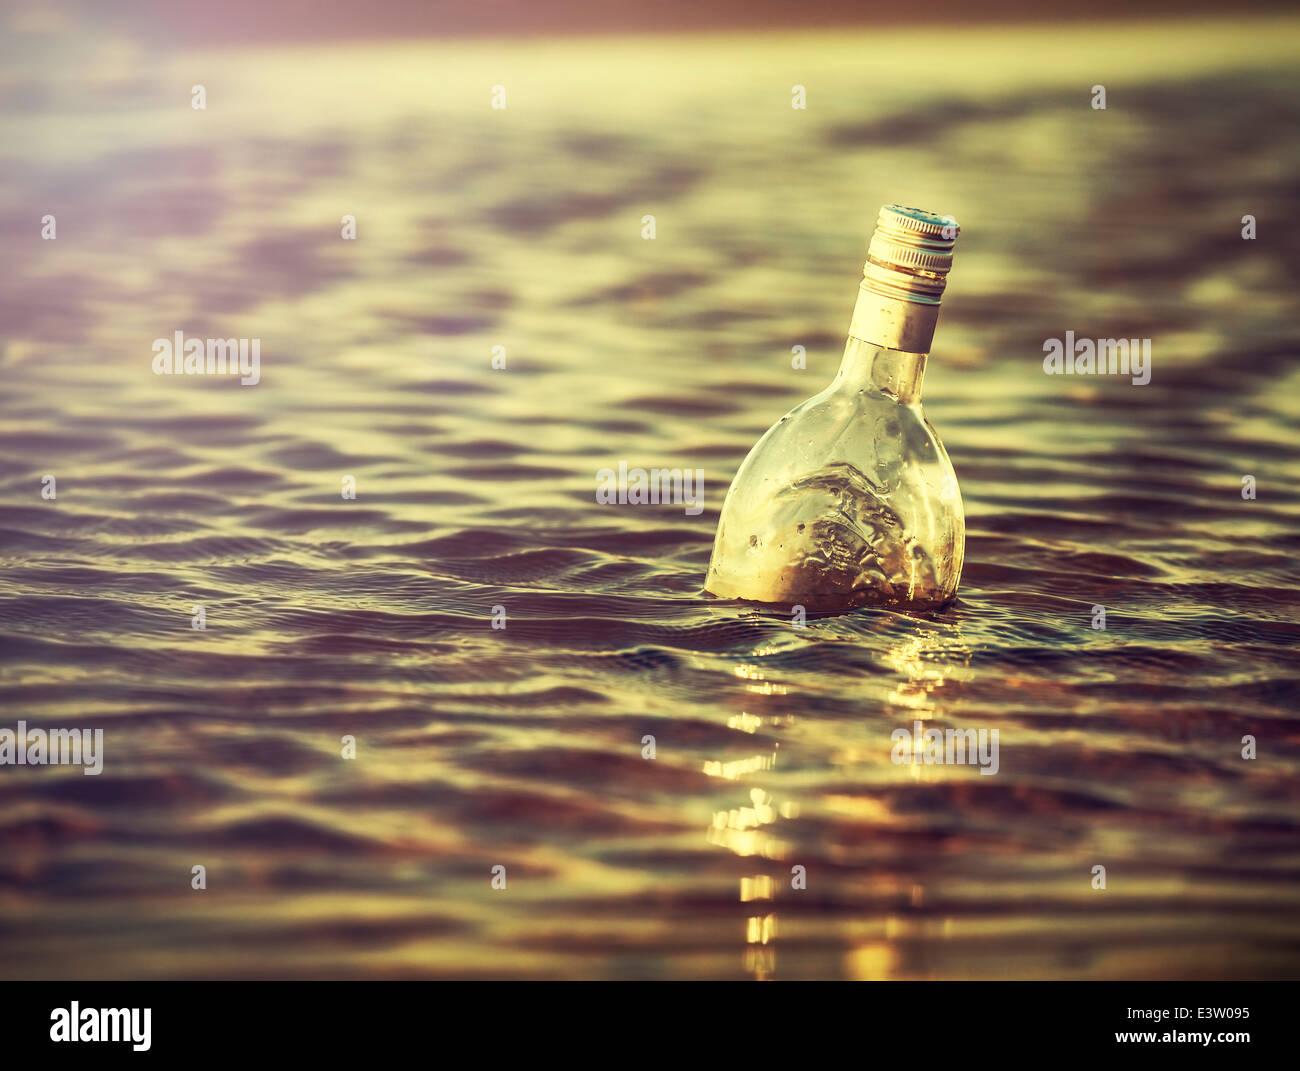 Bottiglia in acqua al tramonto, retro instagram effetto vintage. Immagini Stock